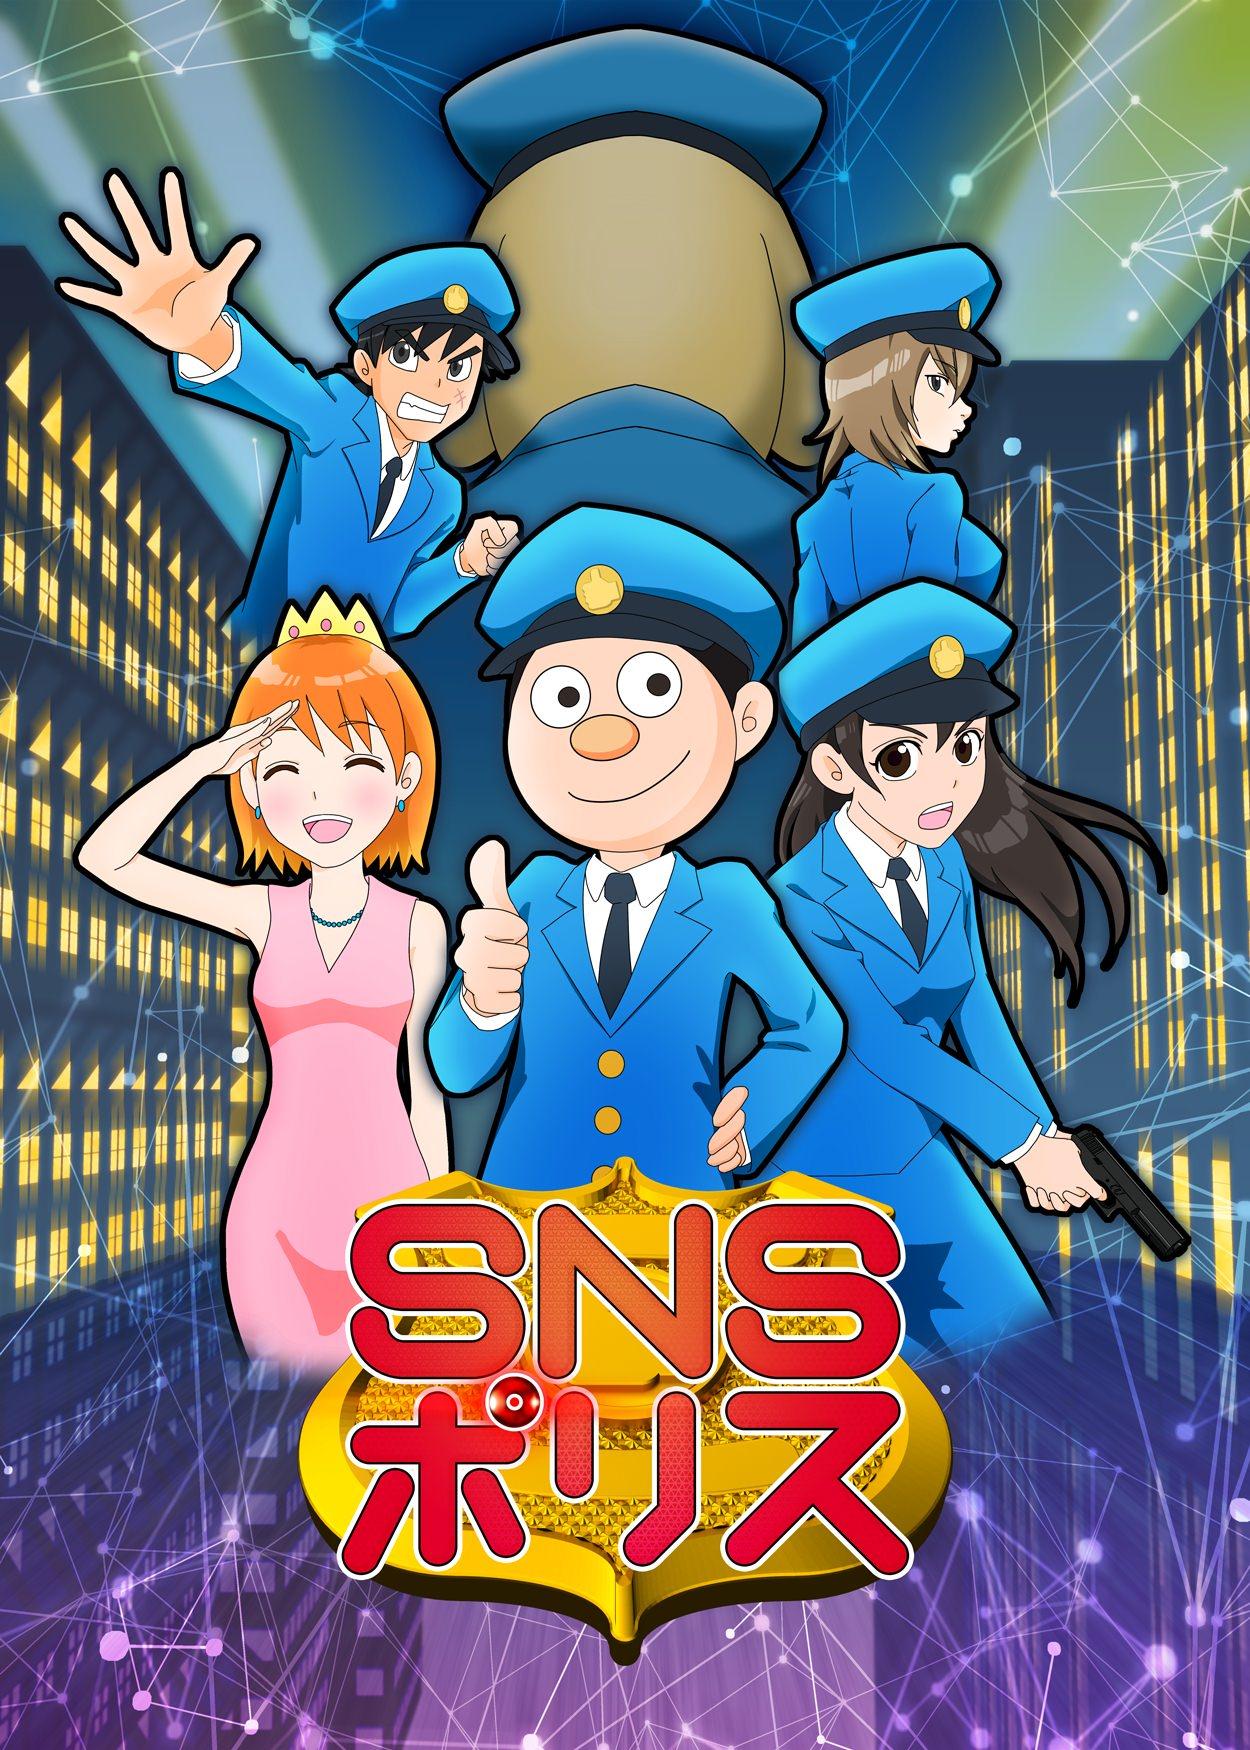 大人気Webマンガ「SNSポリス」がアニメ化決定、声優にはインフルエンサーを起用予定